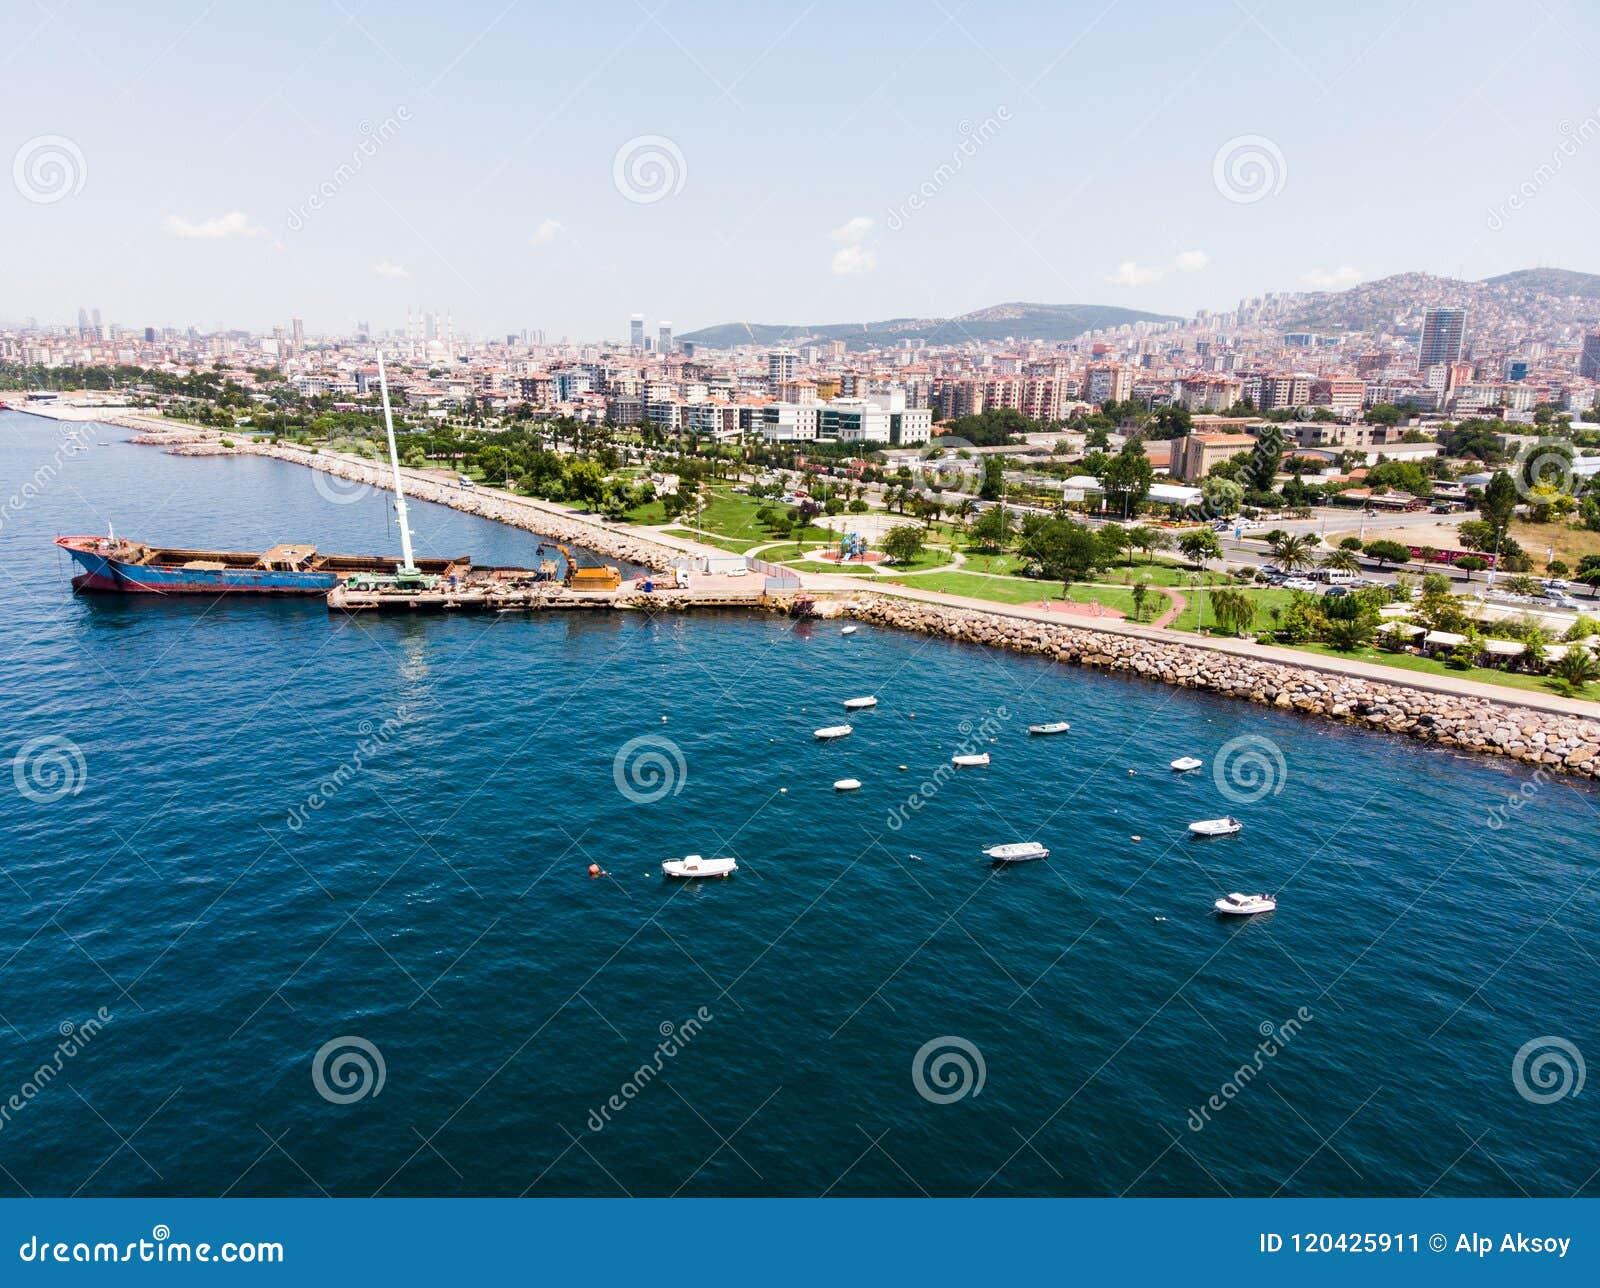 Opinião aérea do zangão Kartal Istanbul City Seaside com o navio velho da embarcação do Scow do lixo